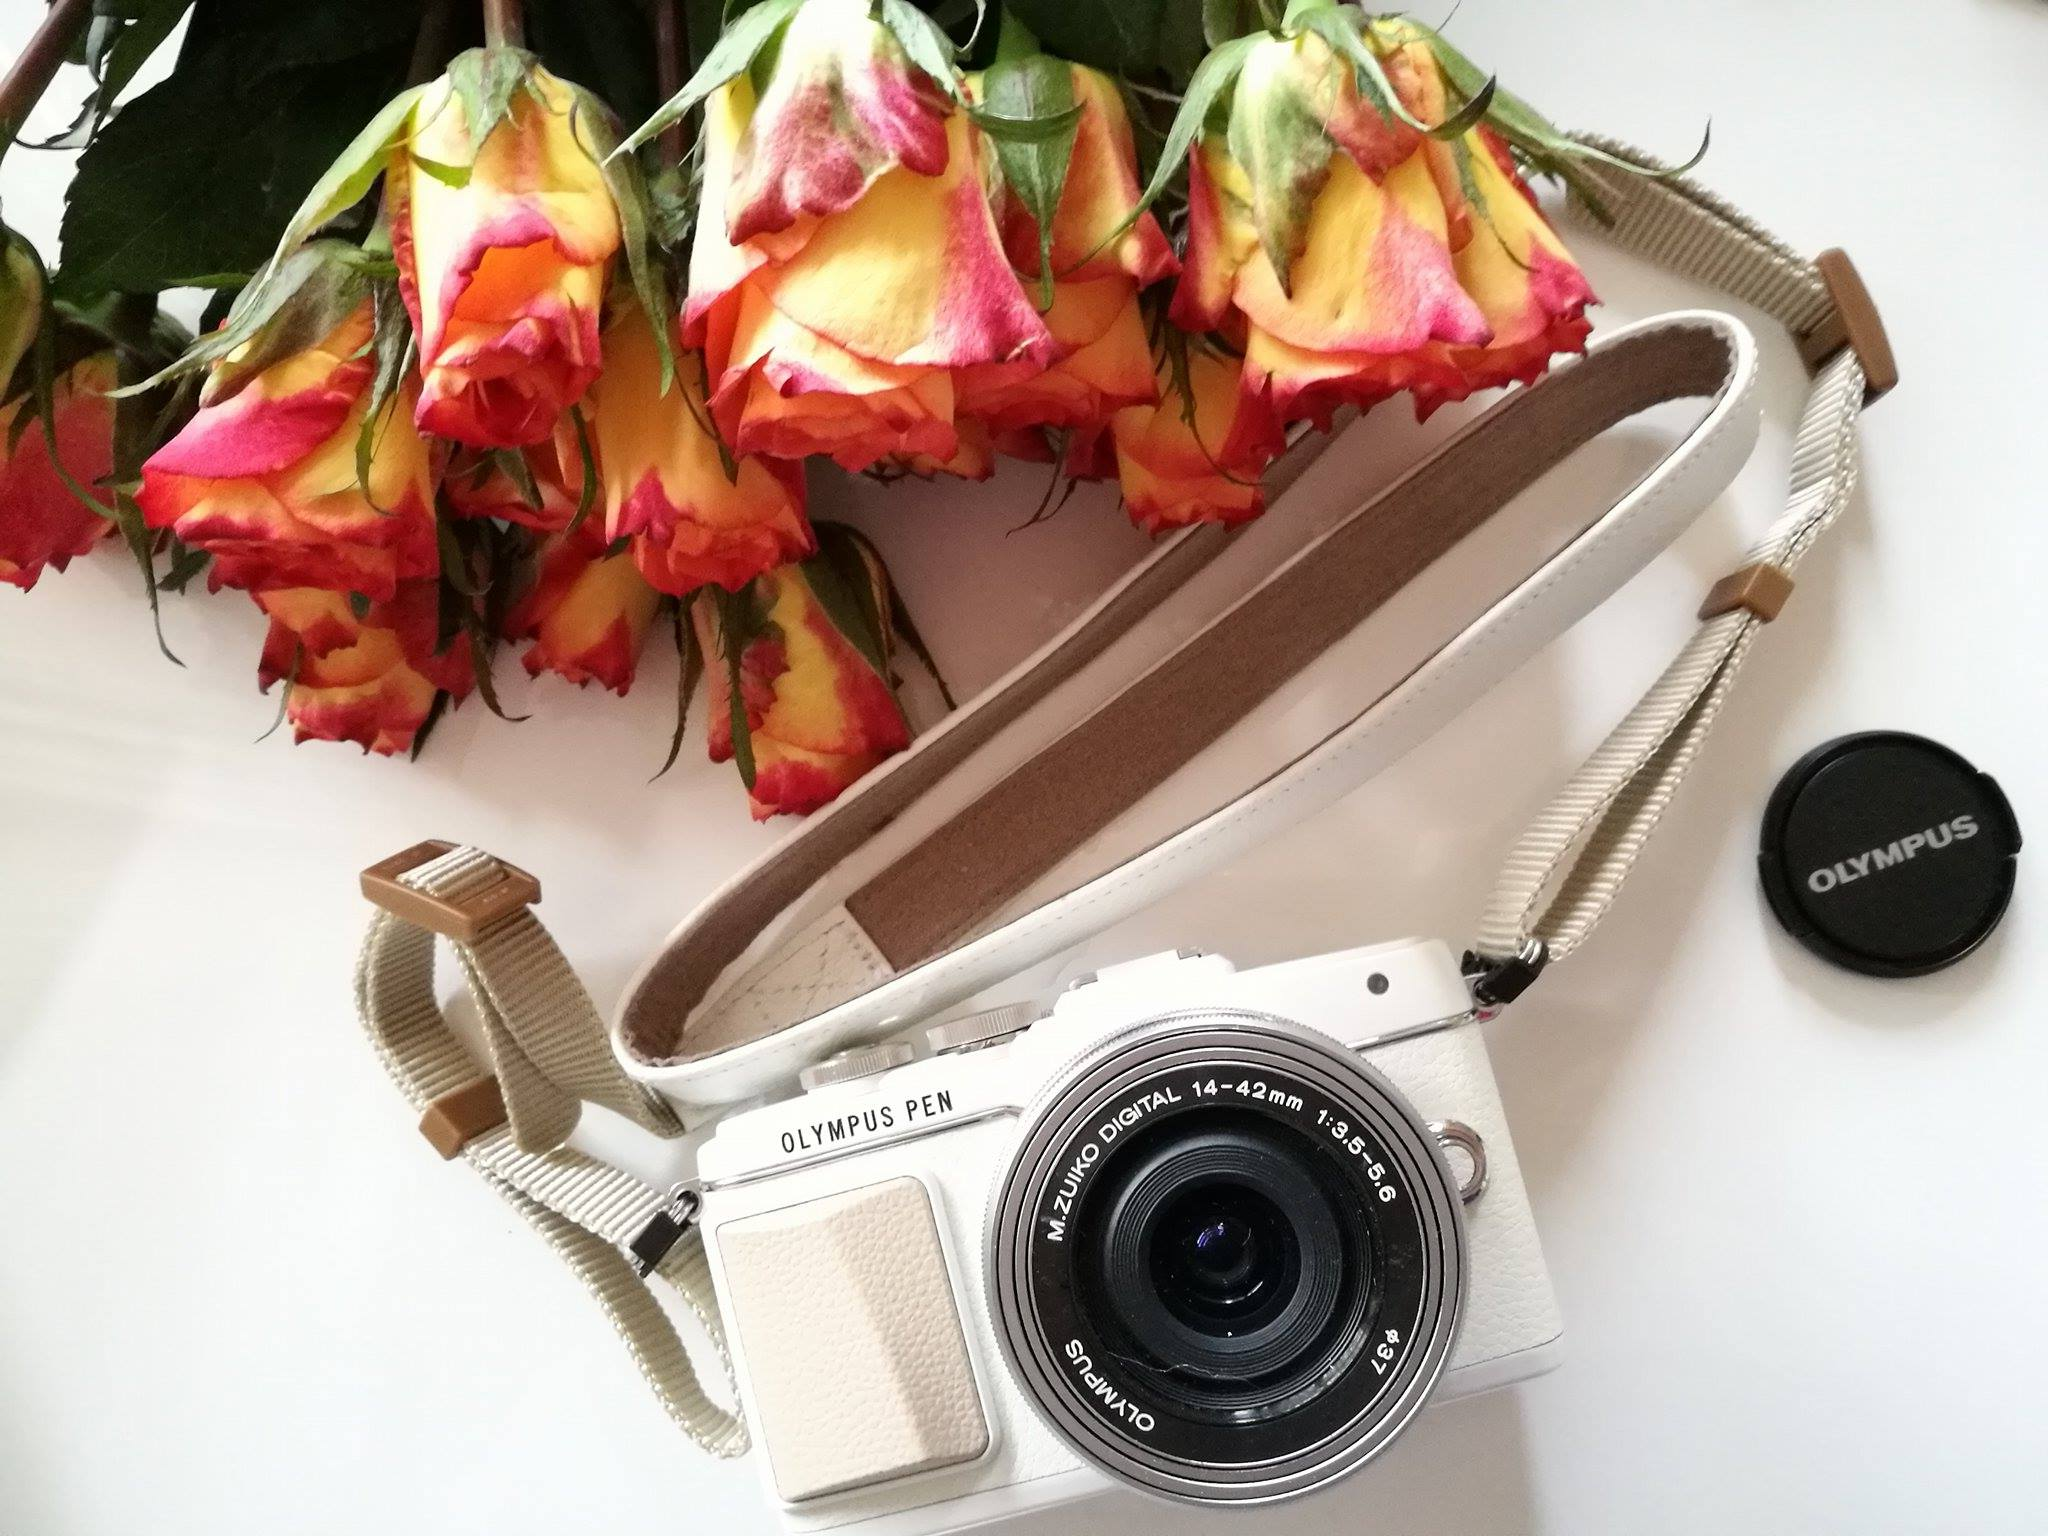 Rosen für die Olympus PEN E-PL7